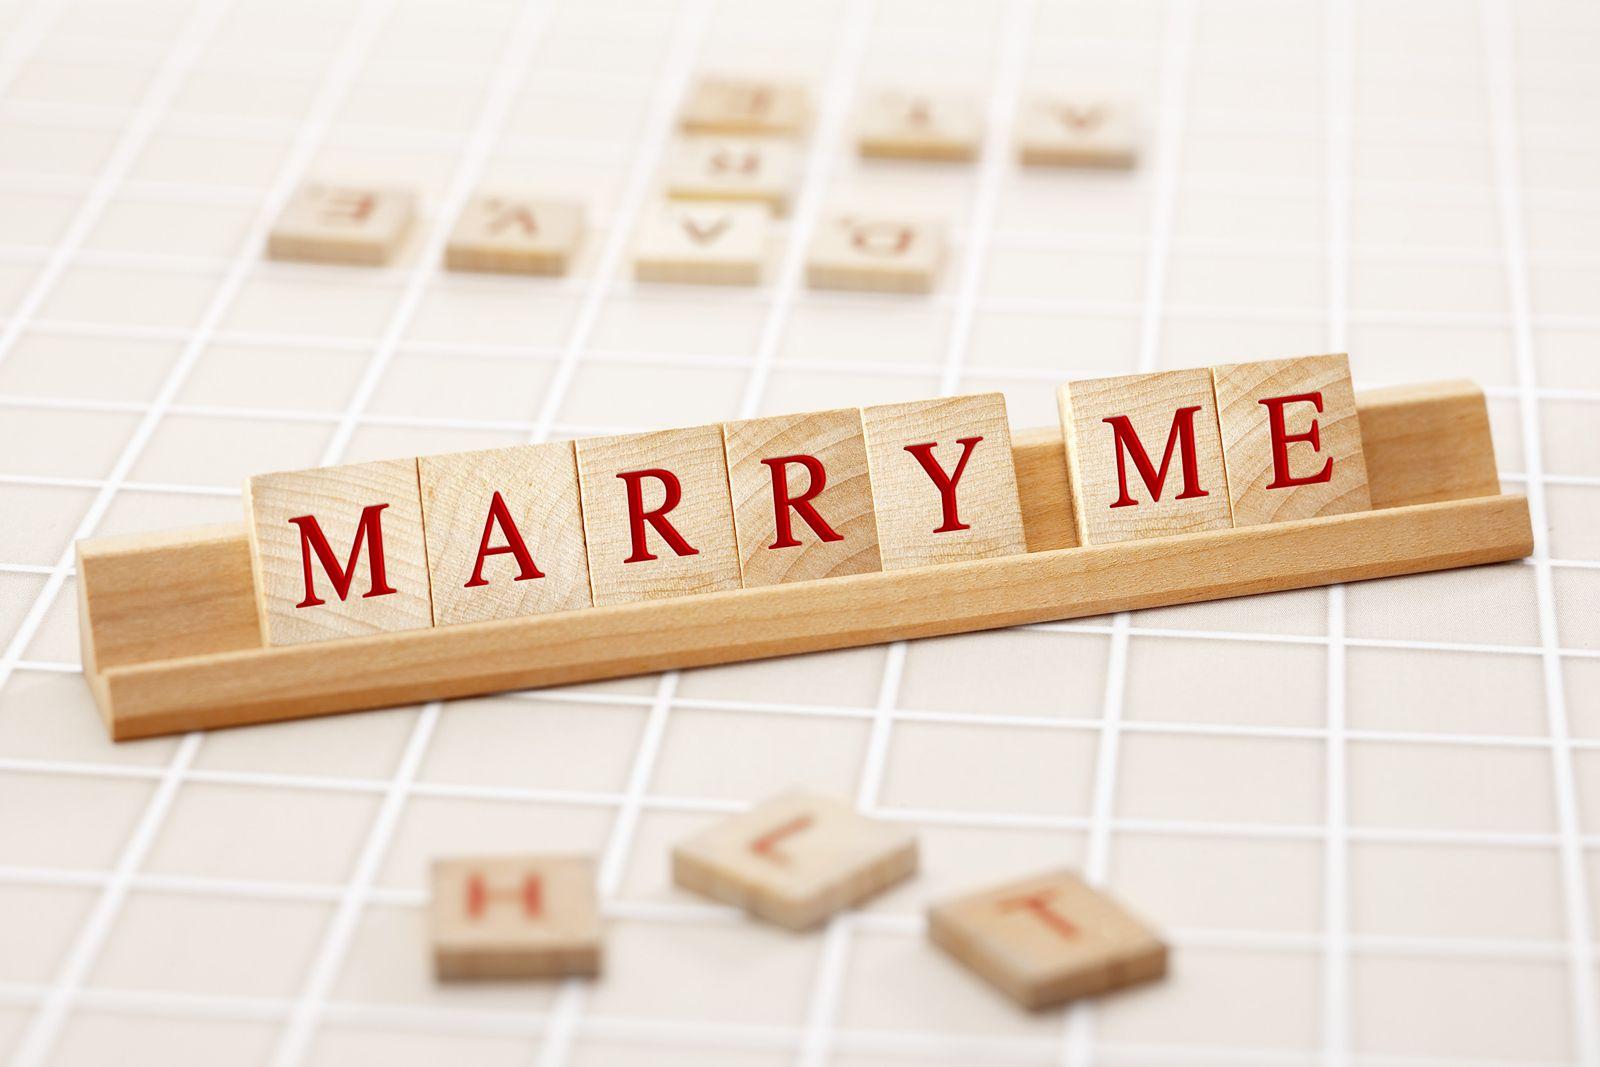 NICHT MEHR VERWENDEN! - Scrabble/ Heiratsantrag